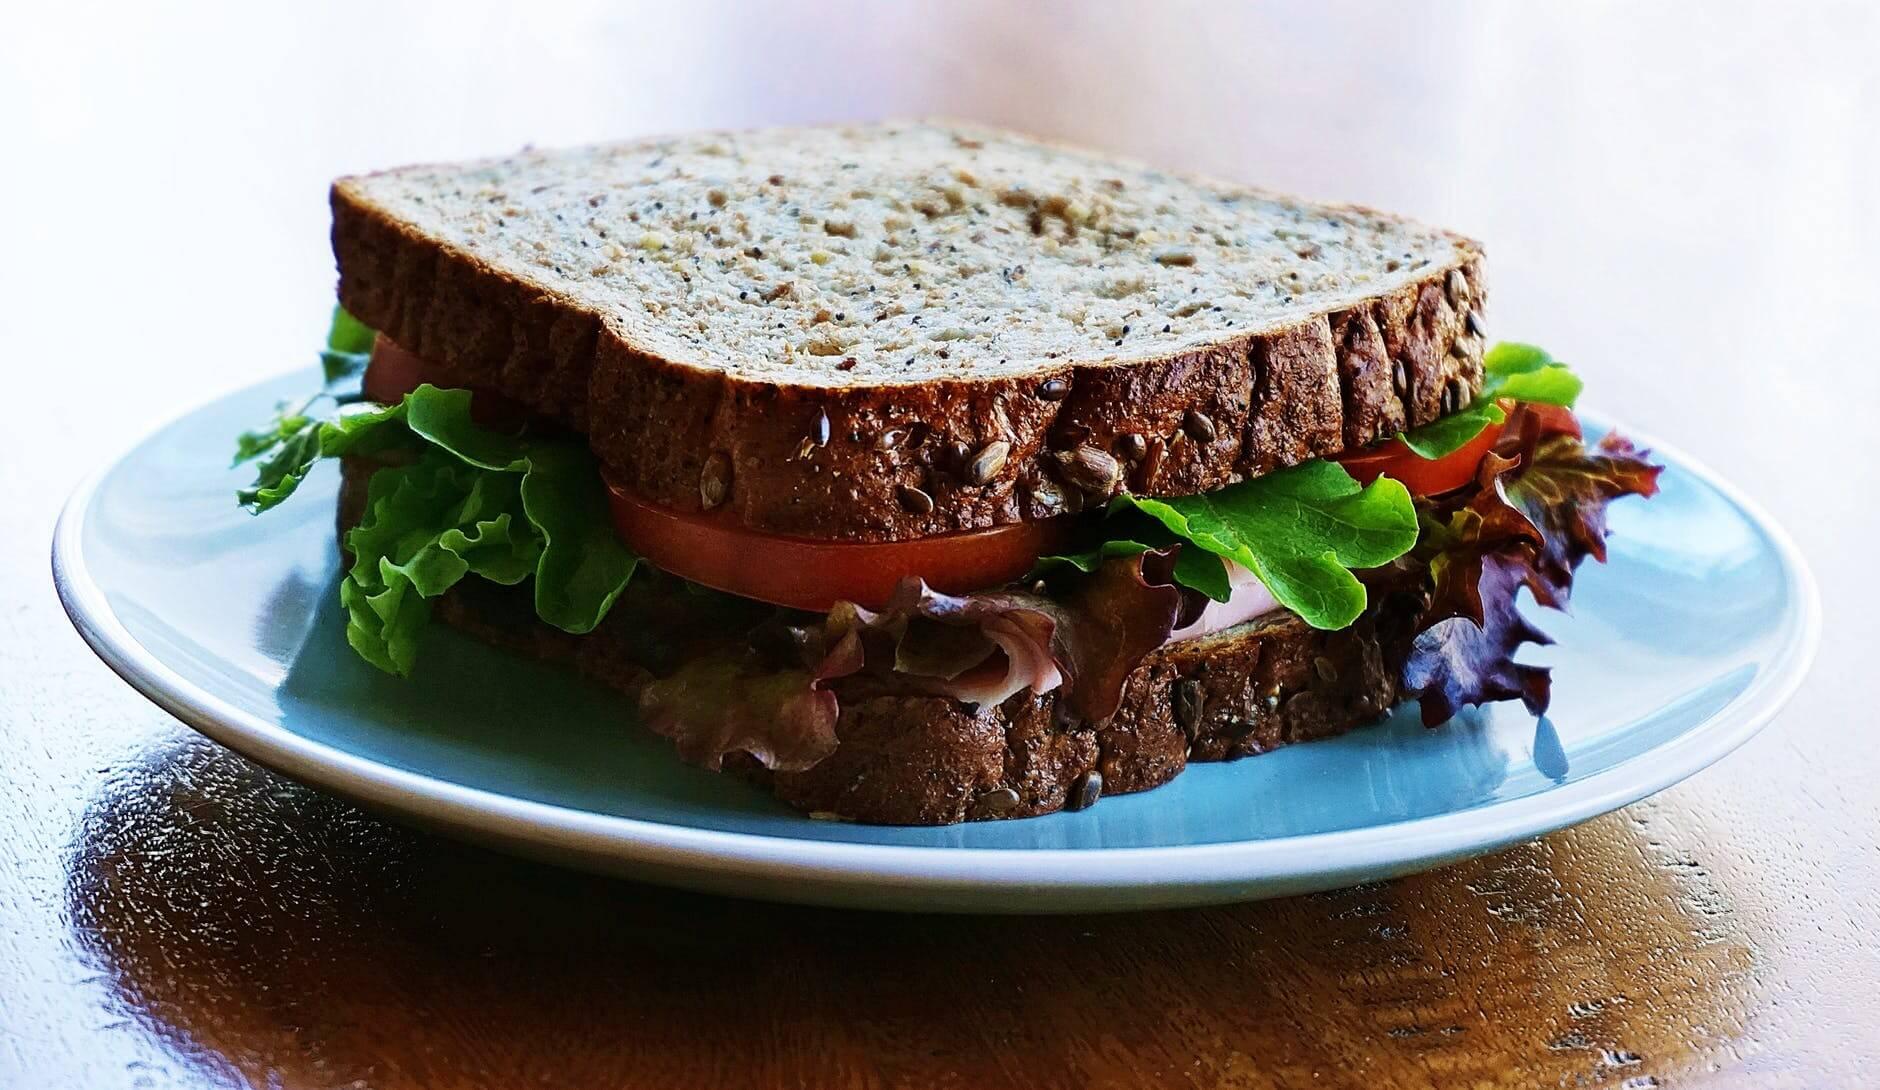 σάντουιτς με λαχανικά και ψωμί ολικής άλεσης